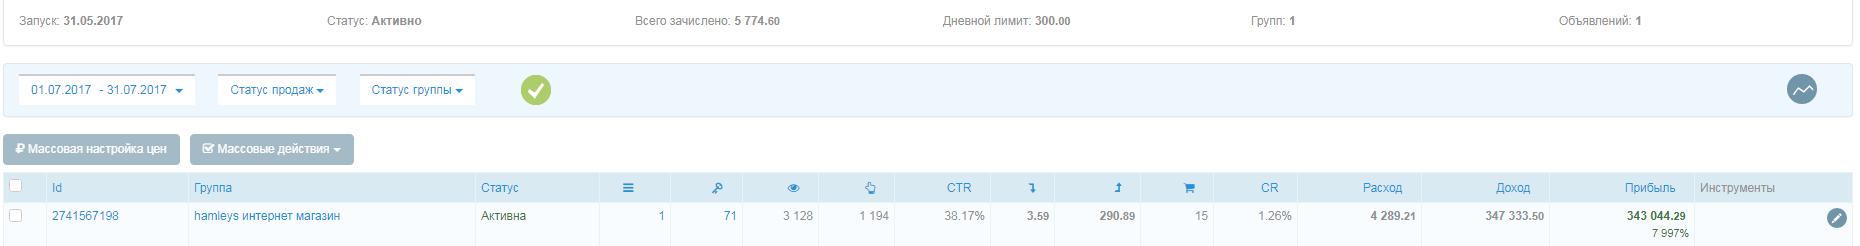 C 01.07.2017 по 31.07.2017 была запущена рекламная кампания с помощью XML-фида на оффер Hamleys